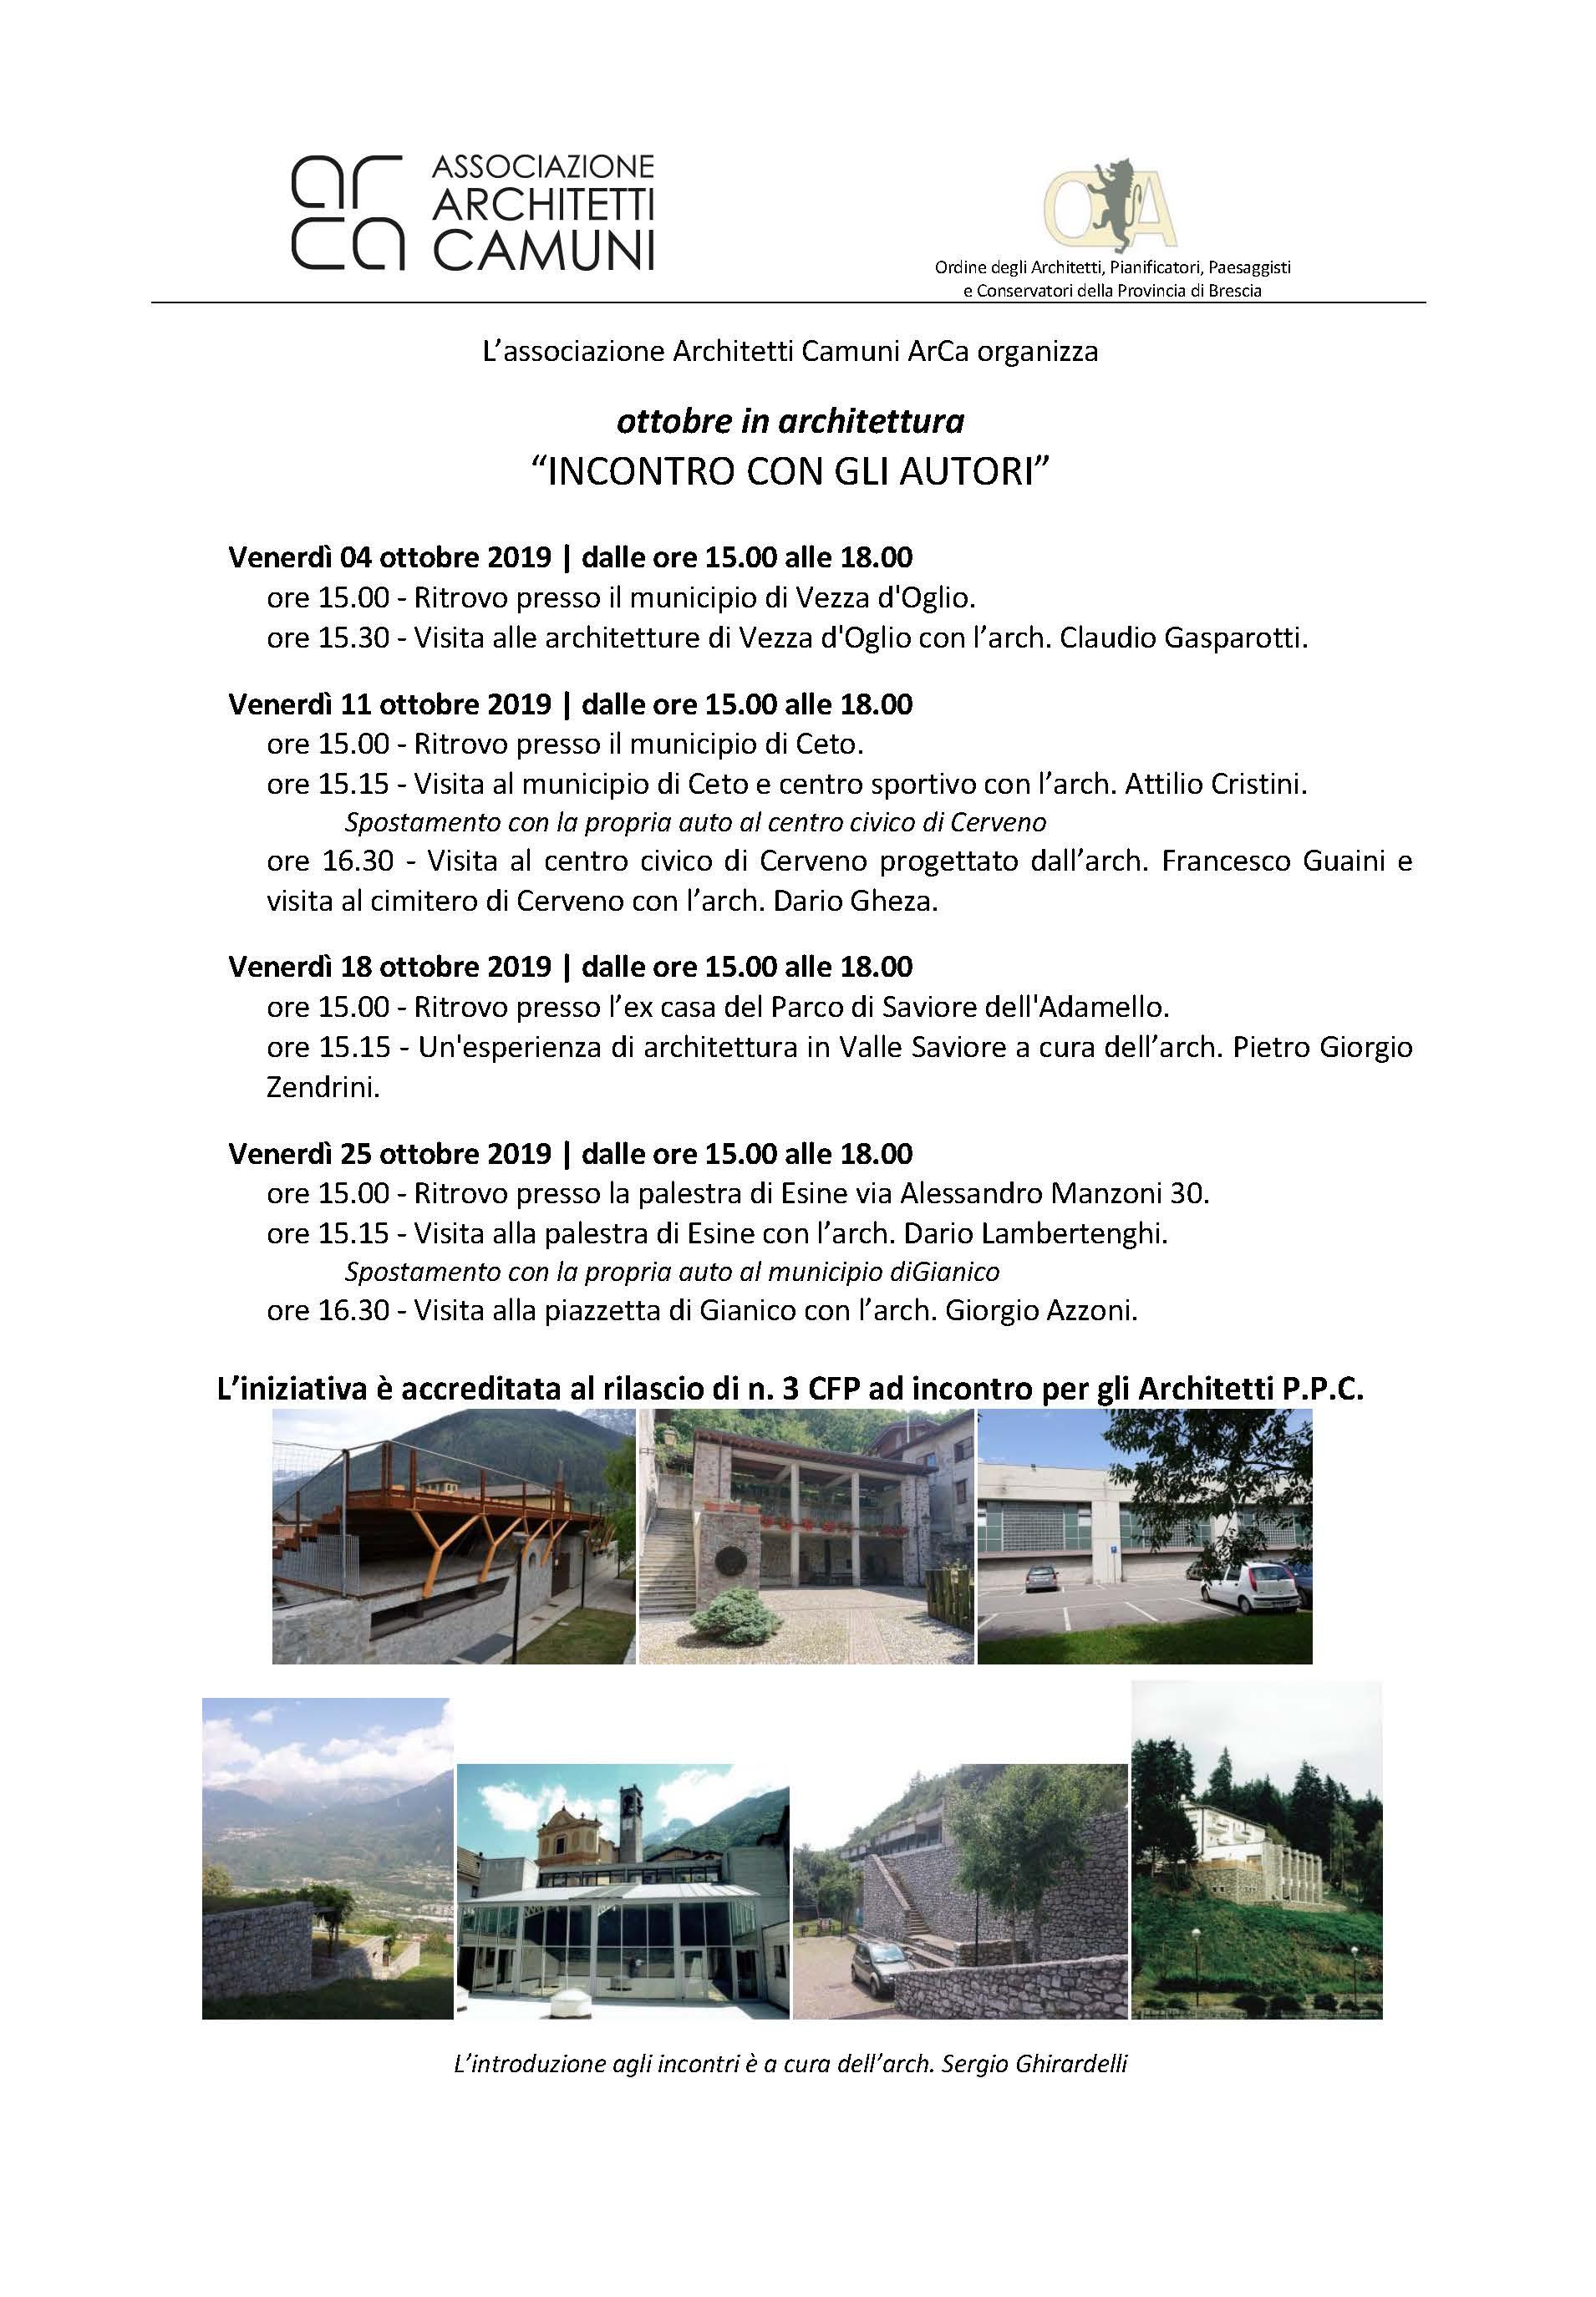 Ordine Architetti Brescia Lavoro 2019.10.04-11-18-25_rassegna ottobre in architettura